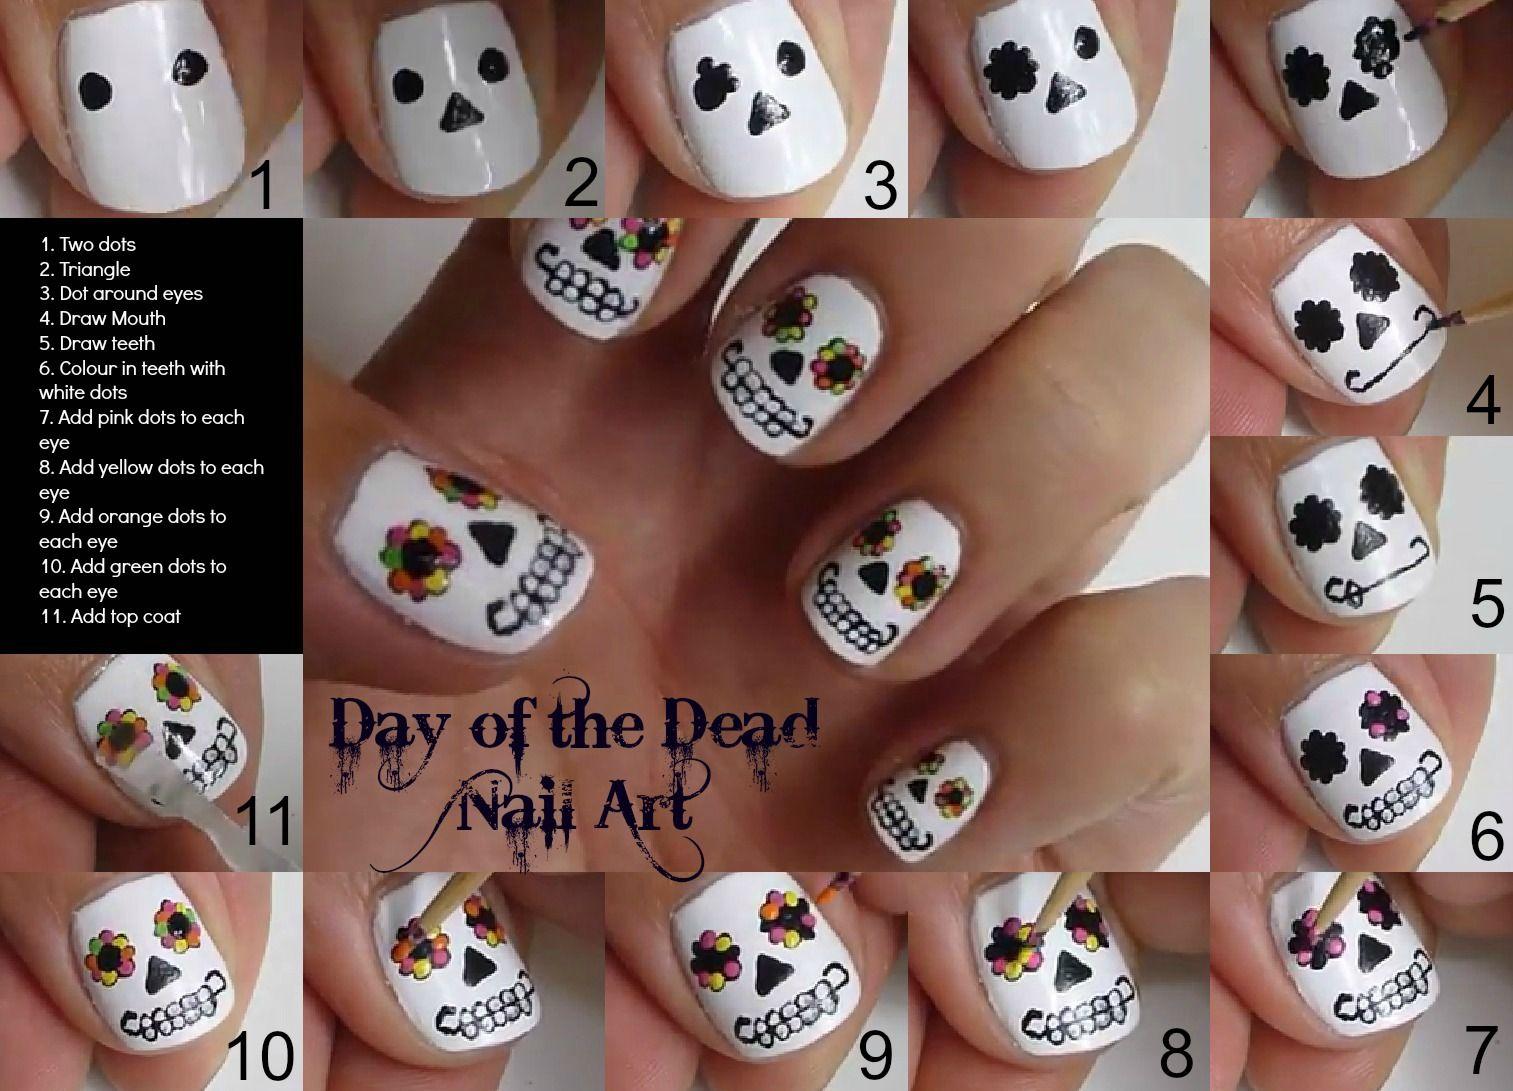 DAY OF THE DEAD NAILS | Nail Tutorials | Pinterest | Rock, Nail nail ...